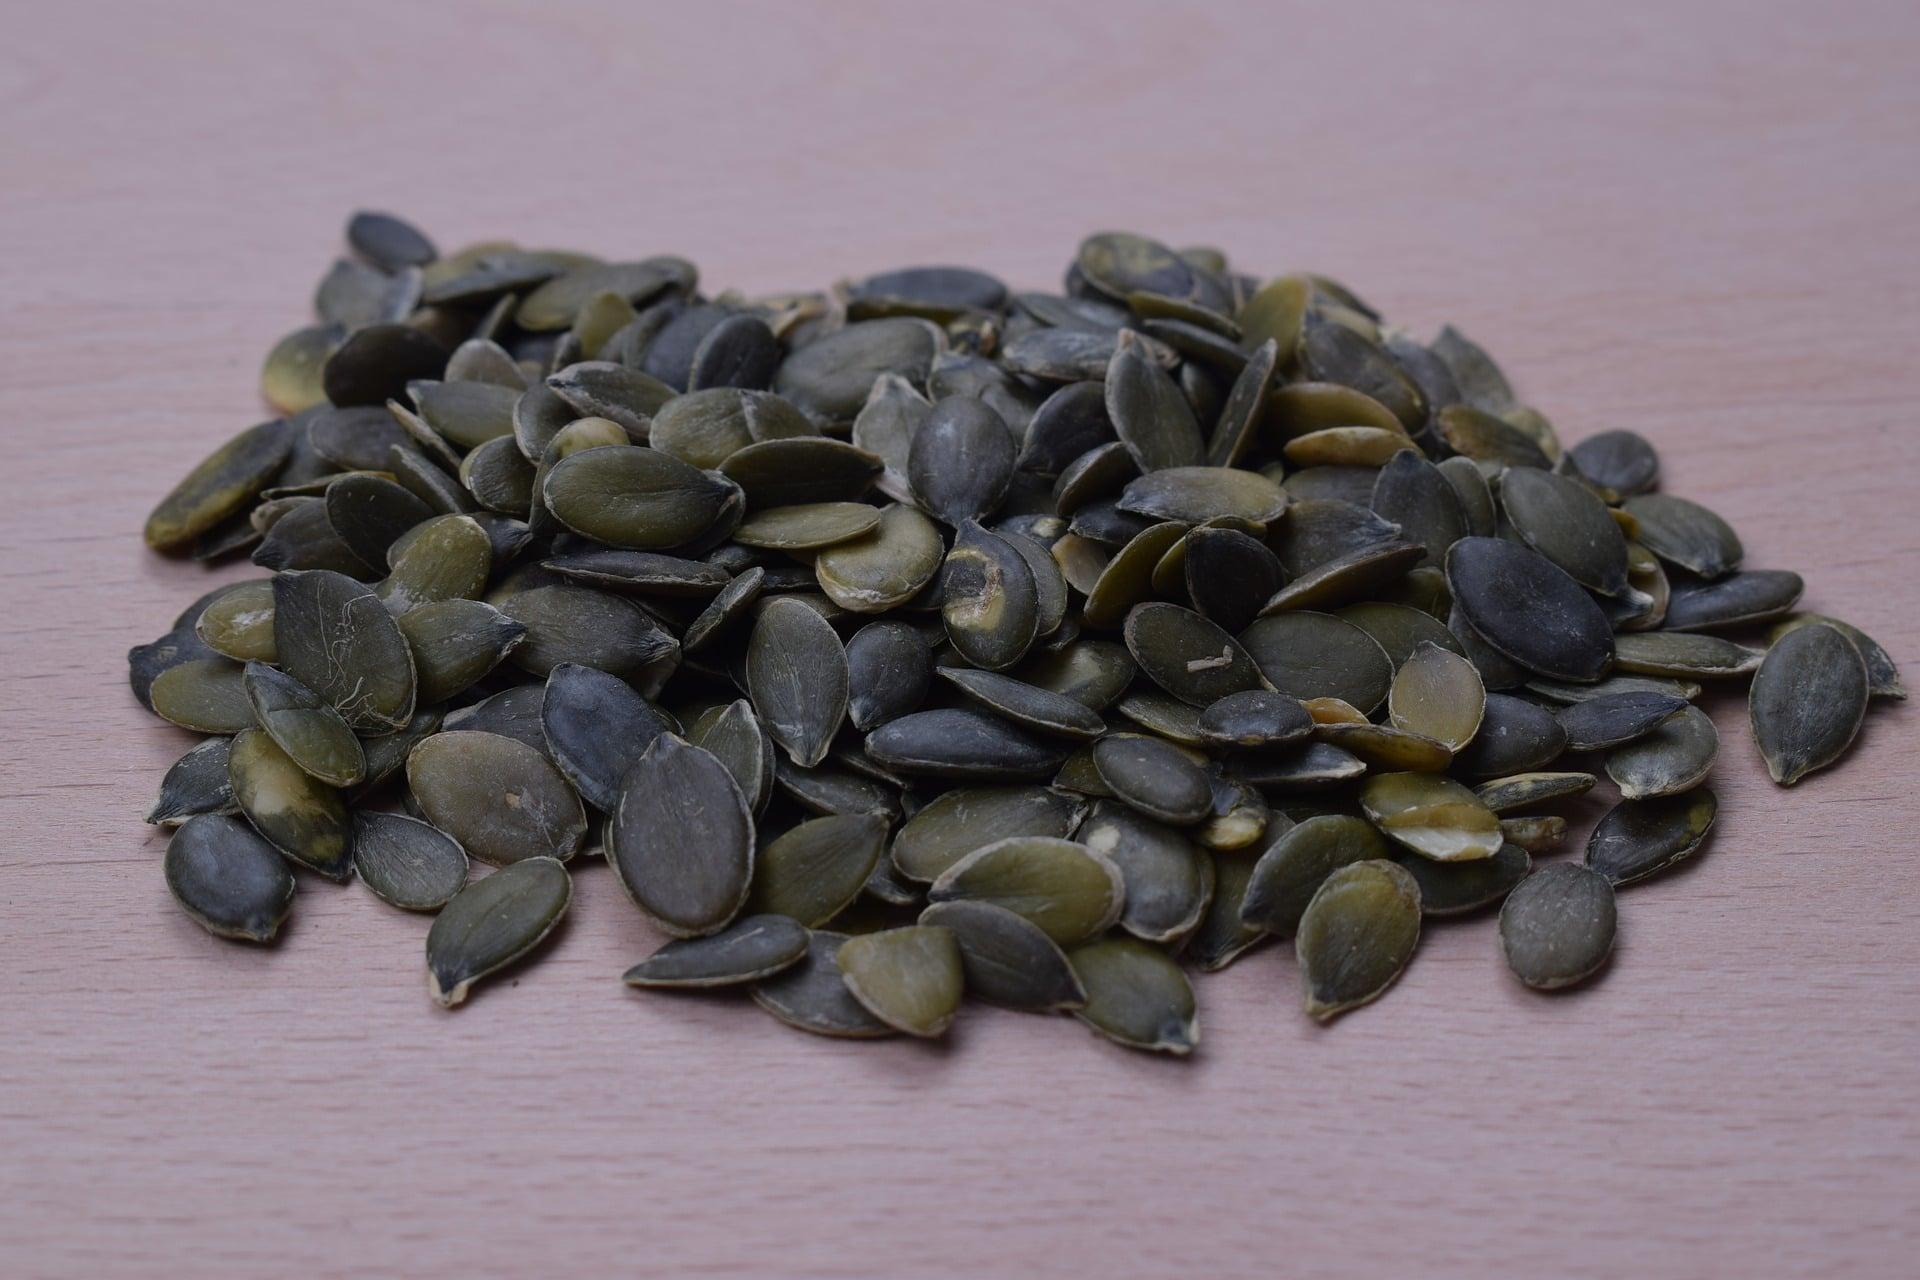 Dýňová semena mají nazelenalou barvu a jsou bohatým zdrojem zinku / foto: pixabay.com